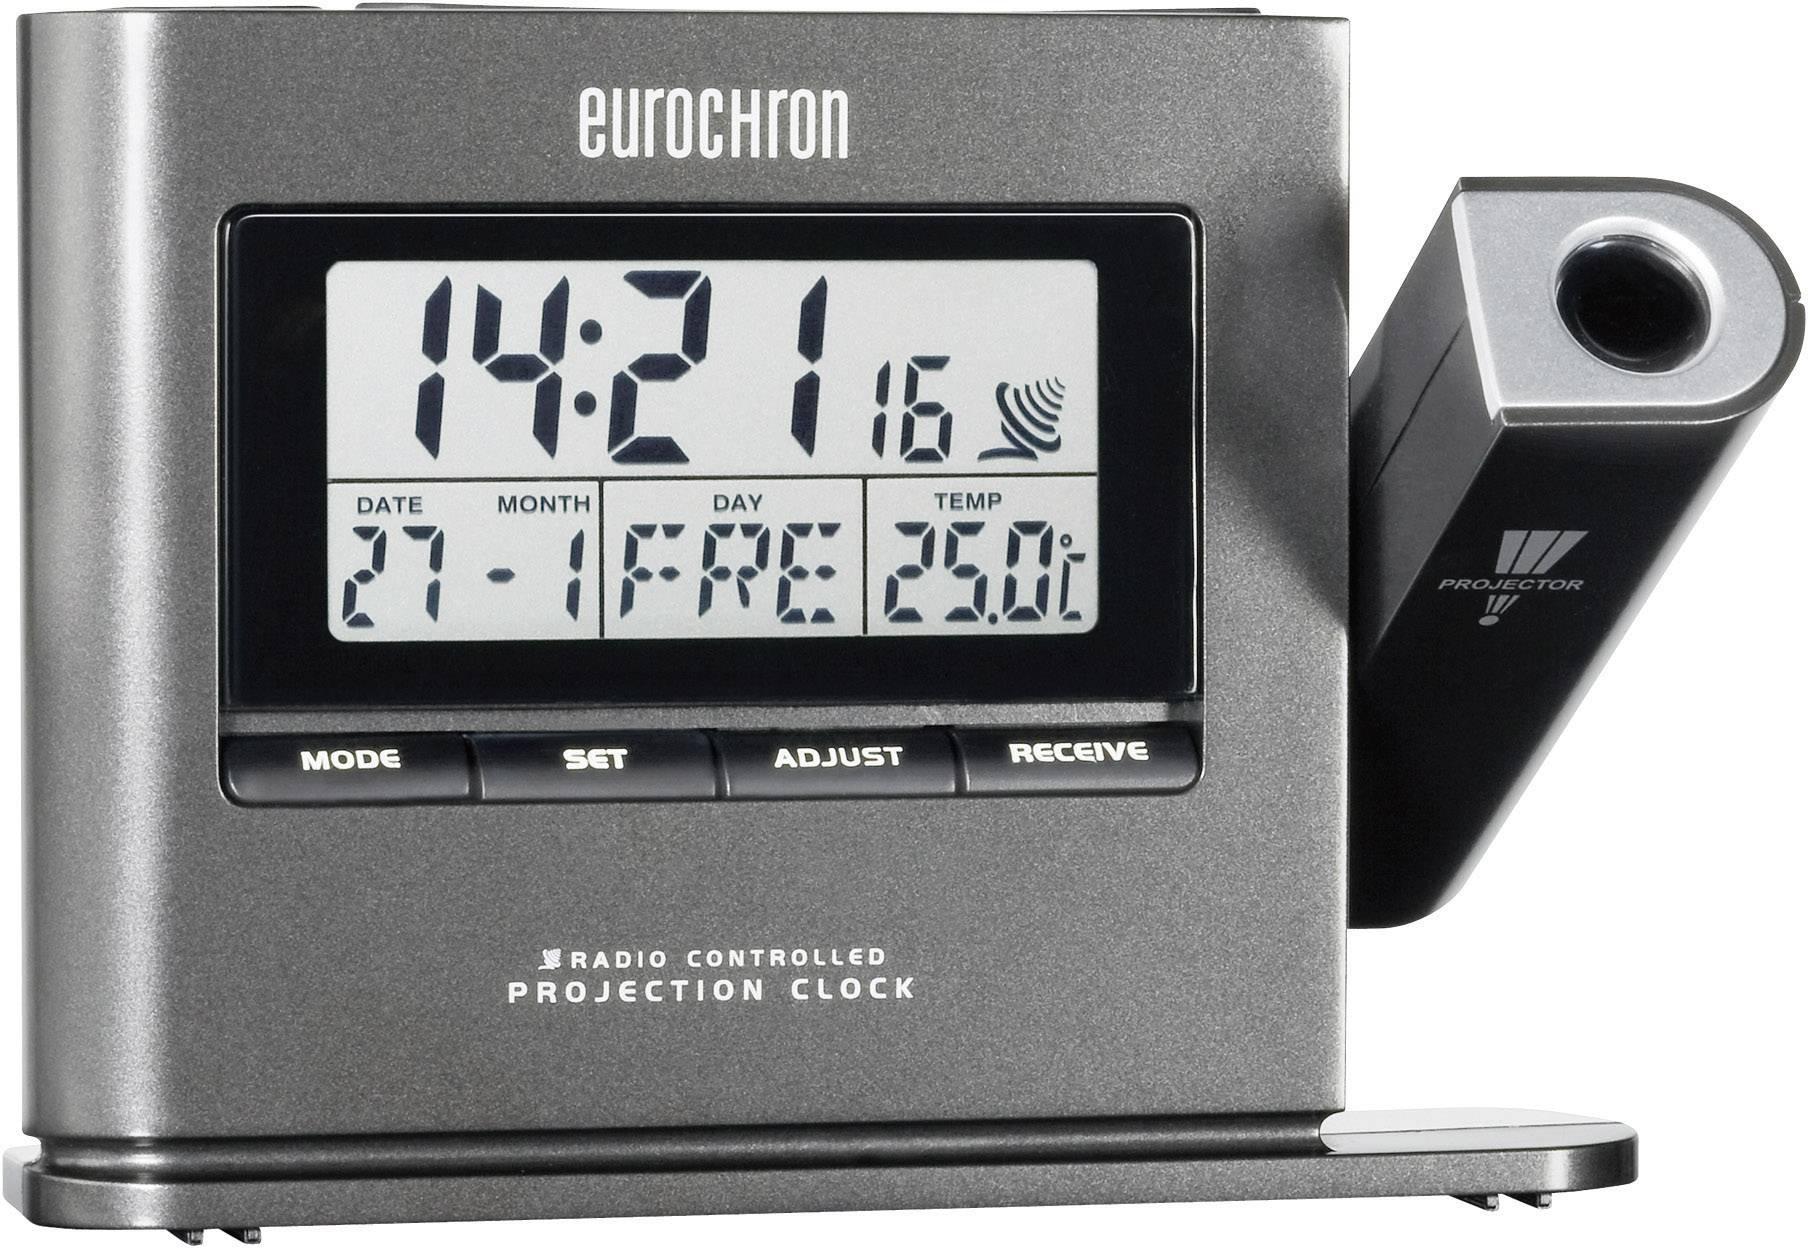 Projekčné DCF hodiny Eurochron EFP 3000